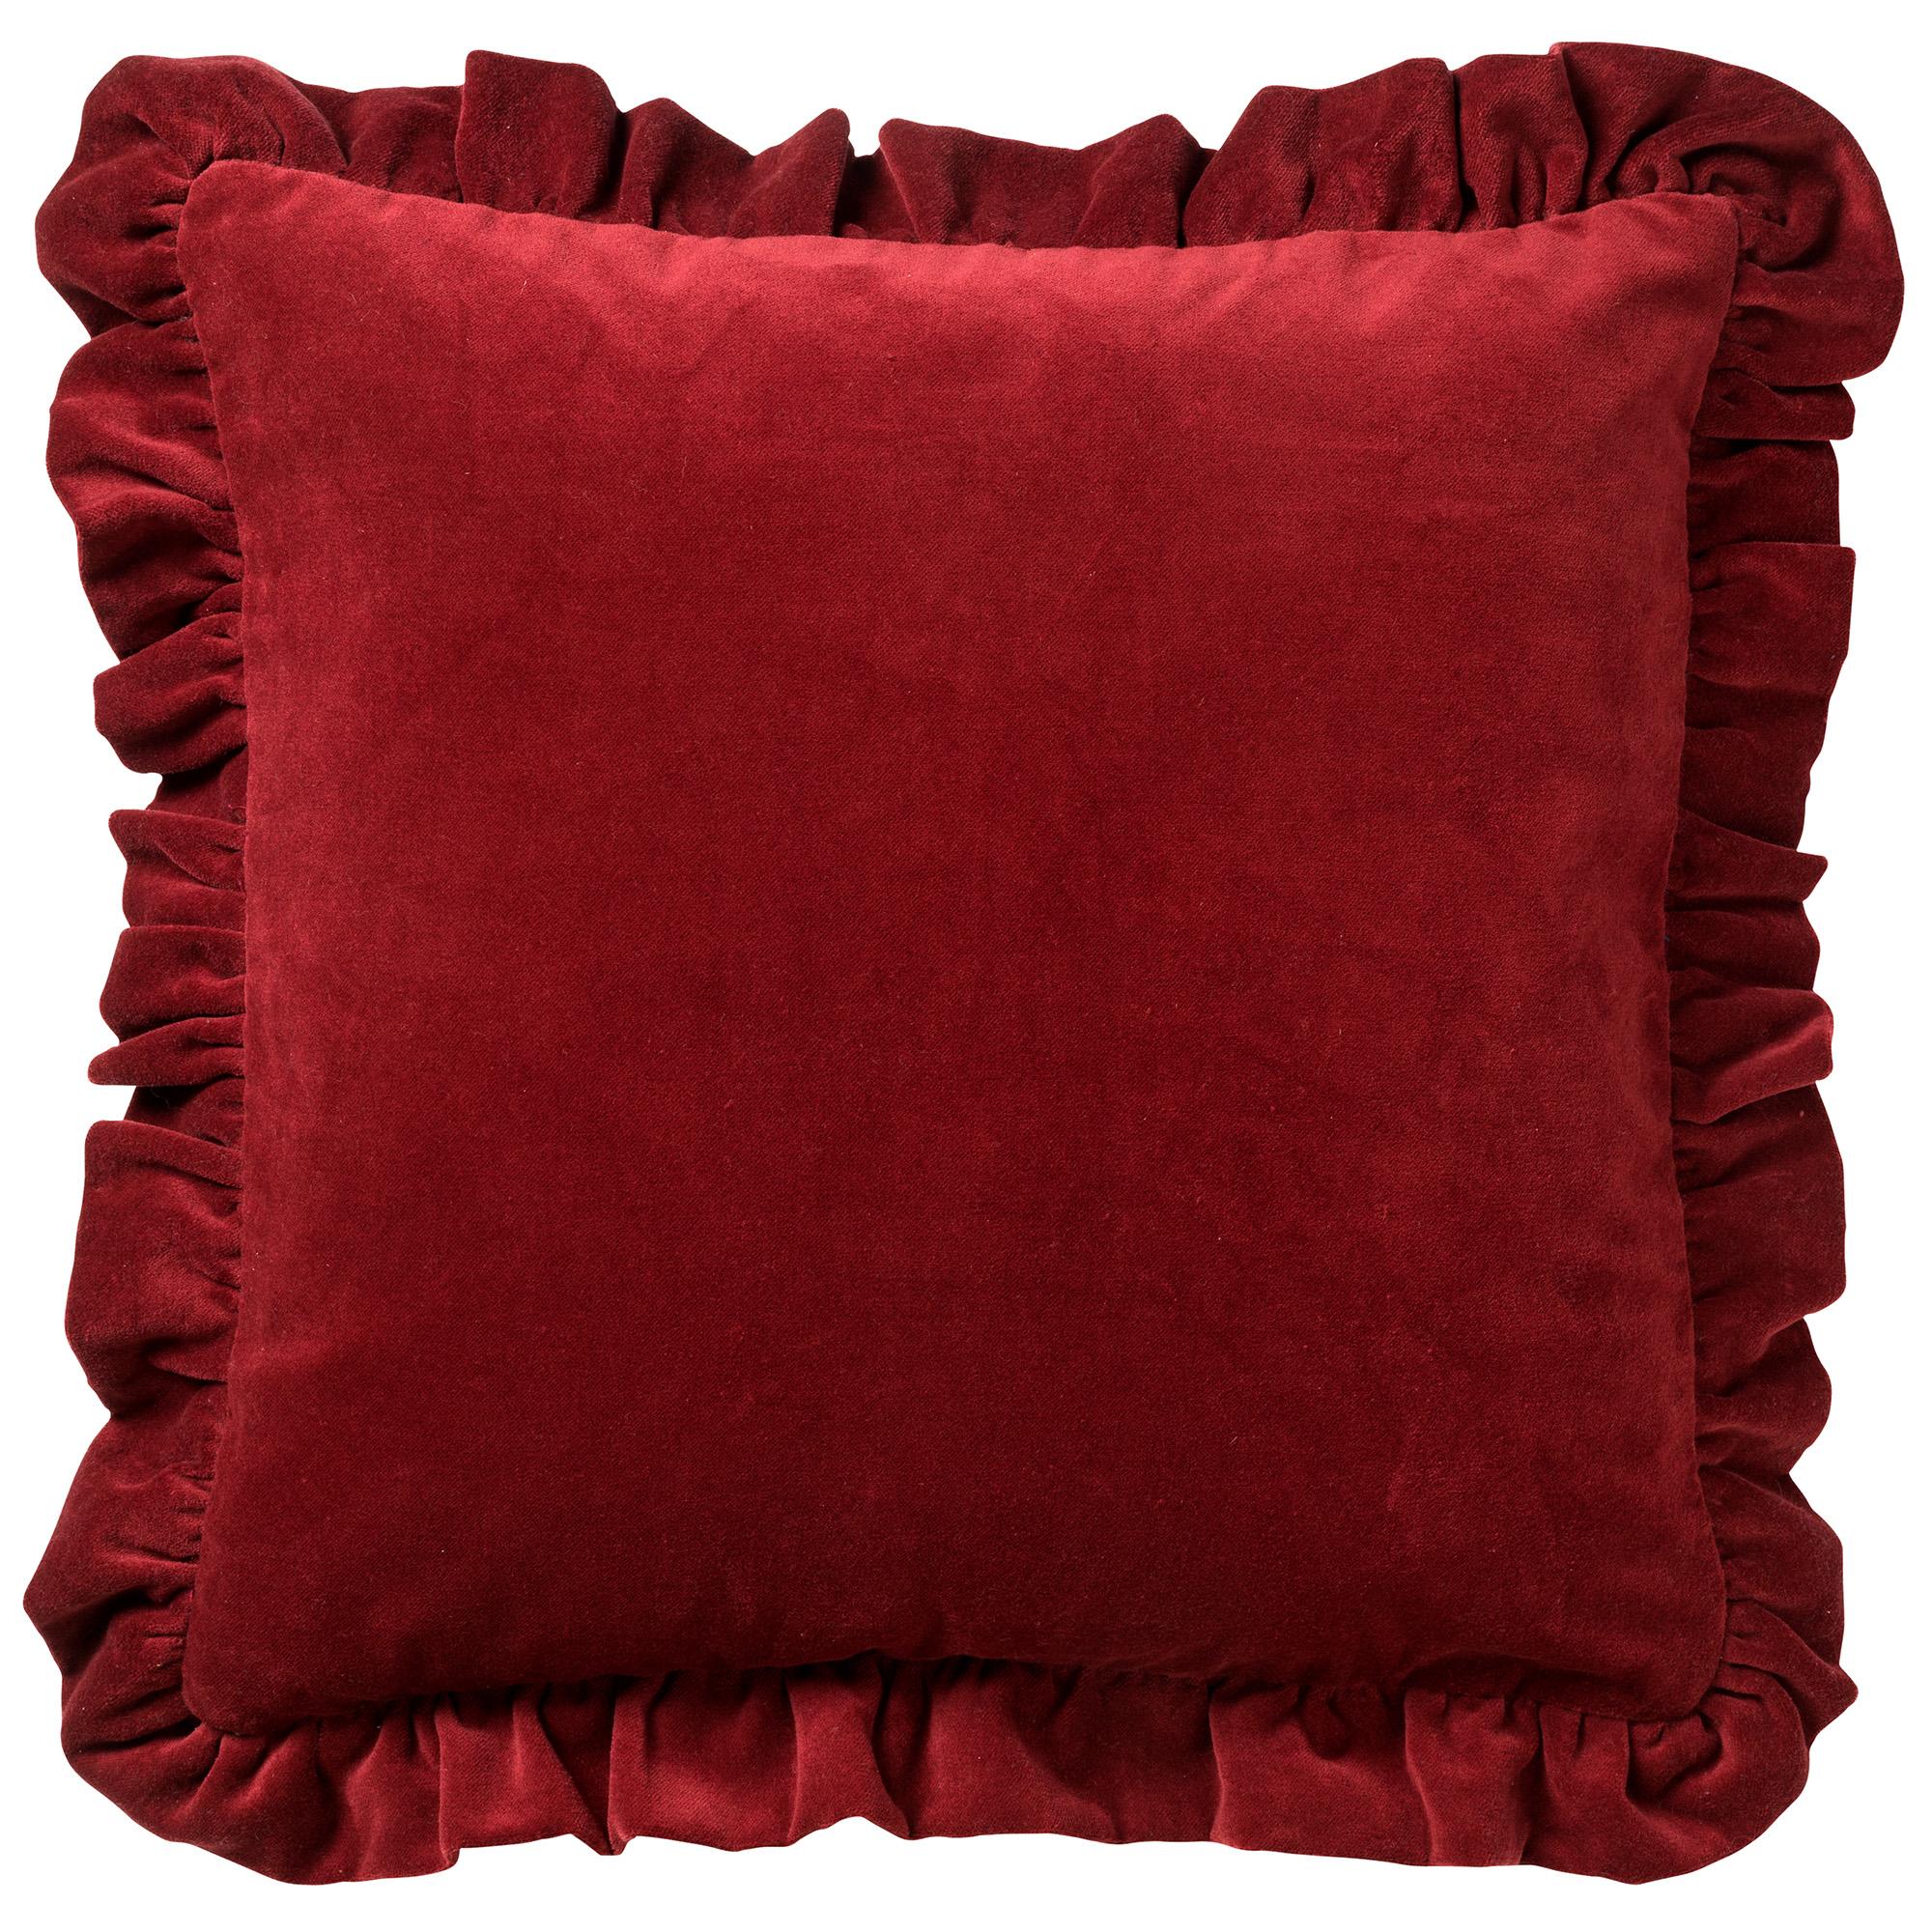 Housse de coussin en velours Rouge foncé 45x45